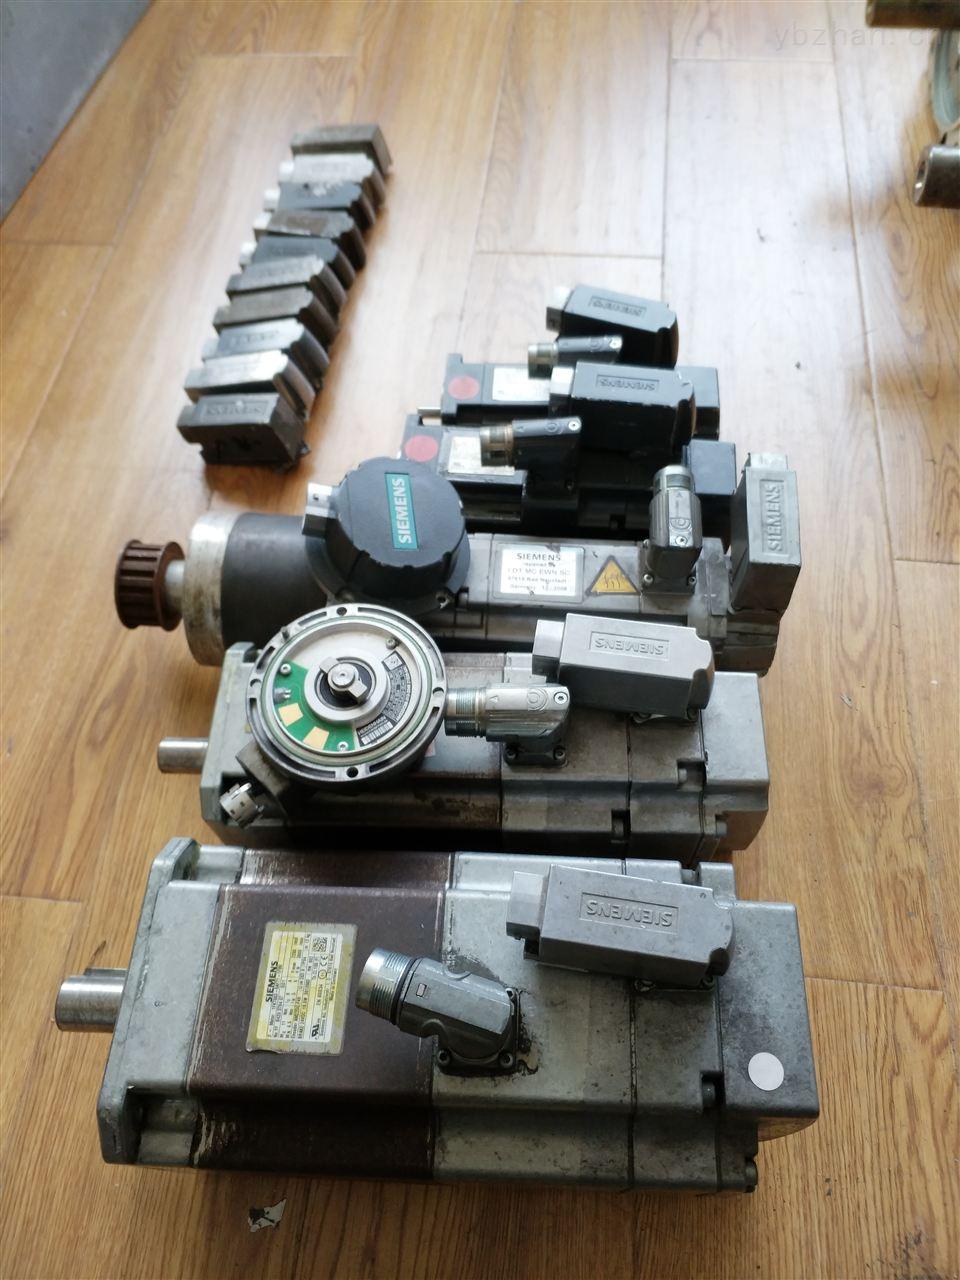 滁州西门子840D系统龙门铣伺服电机更换轴承-当天检测提供维修